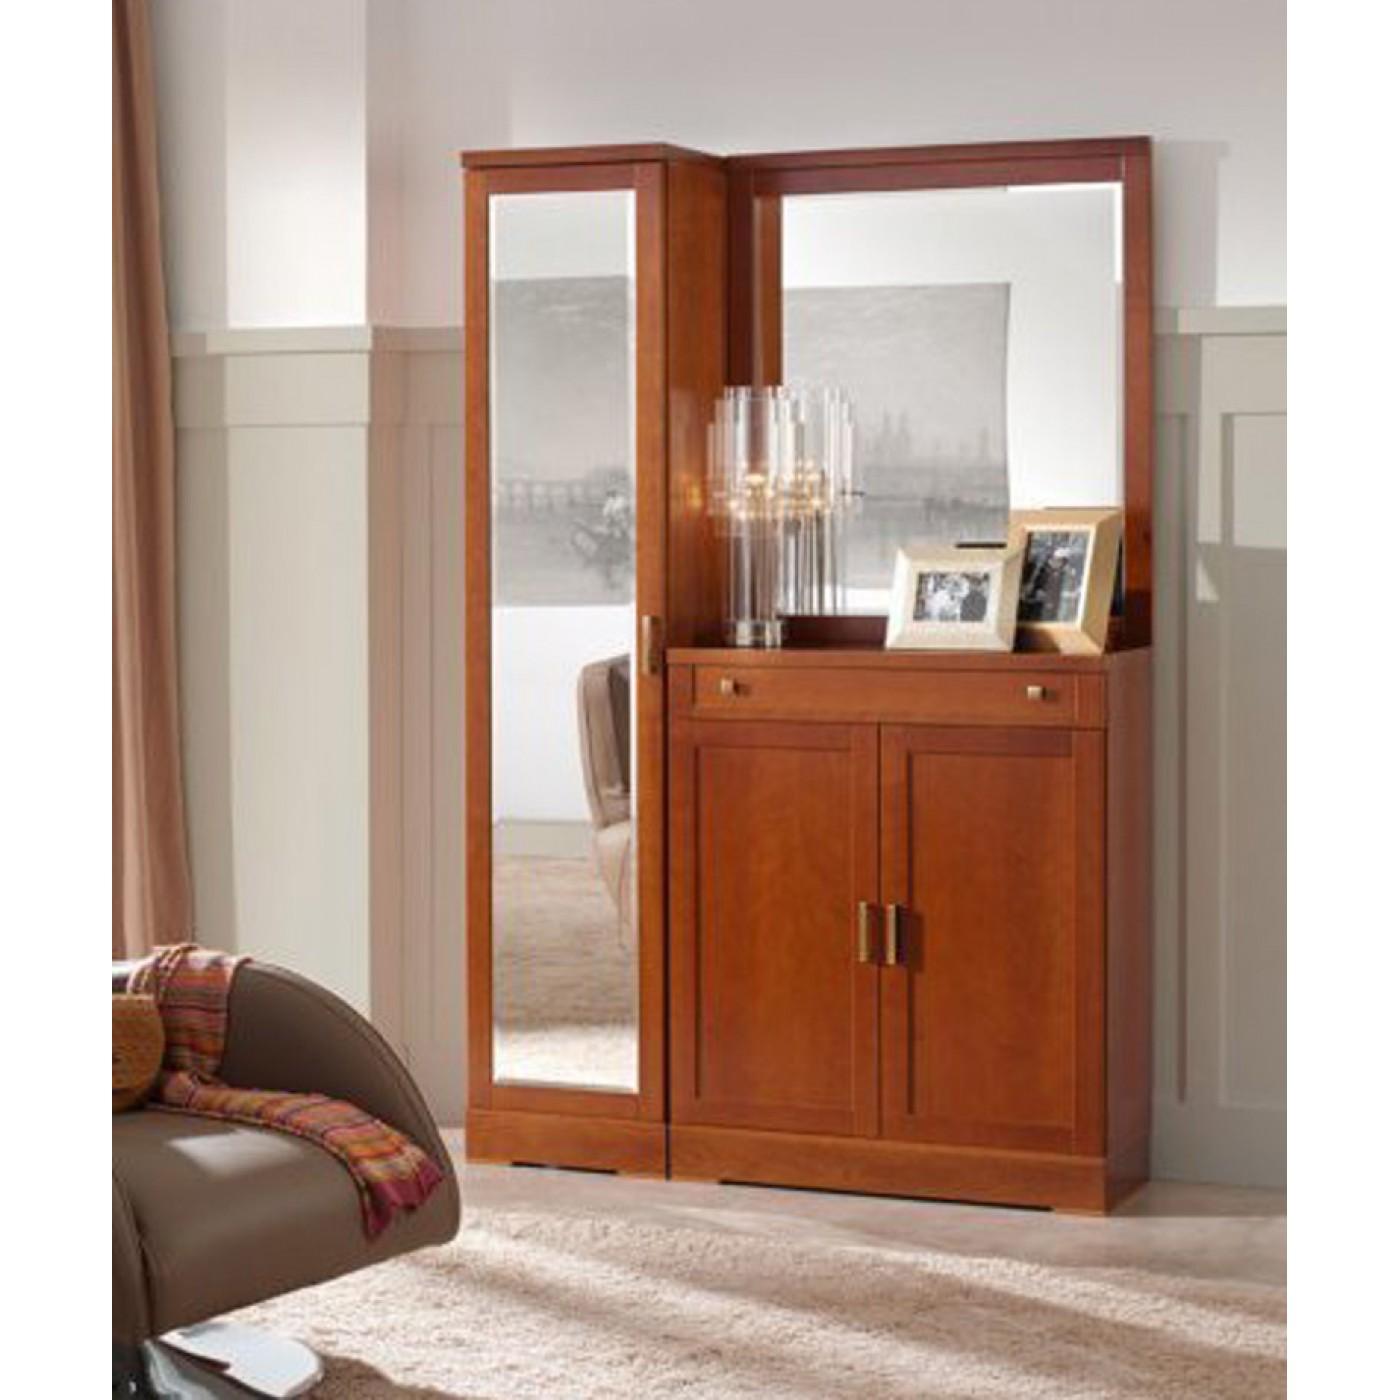 Комод узкий каталог мебели: стол, шкаф, кровать, кресло, див.